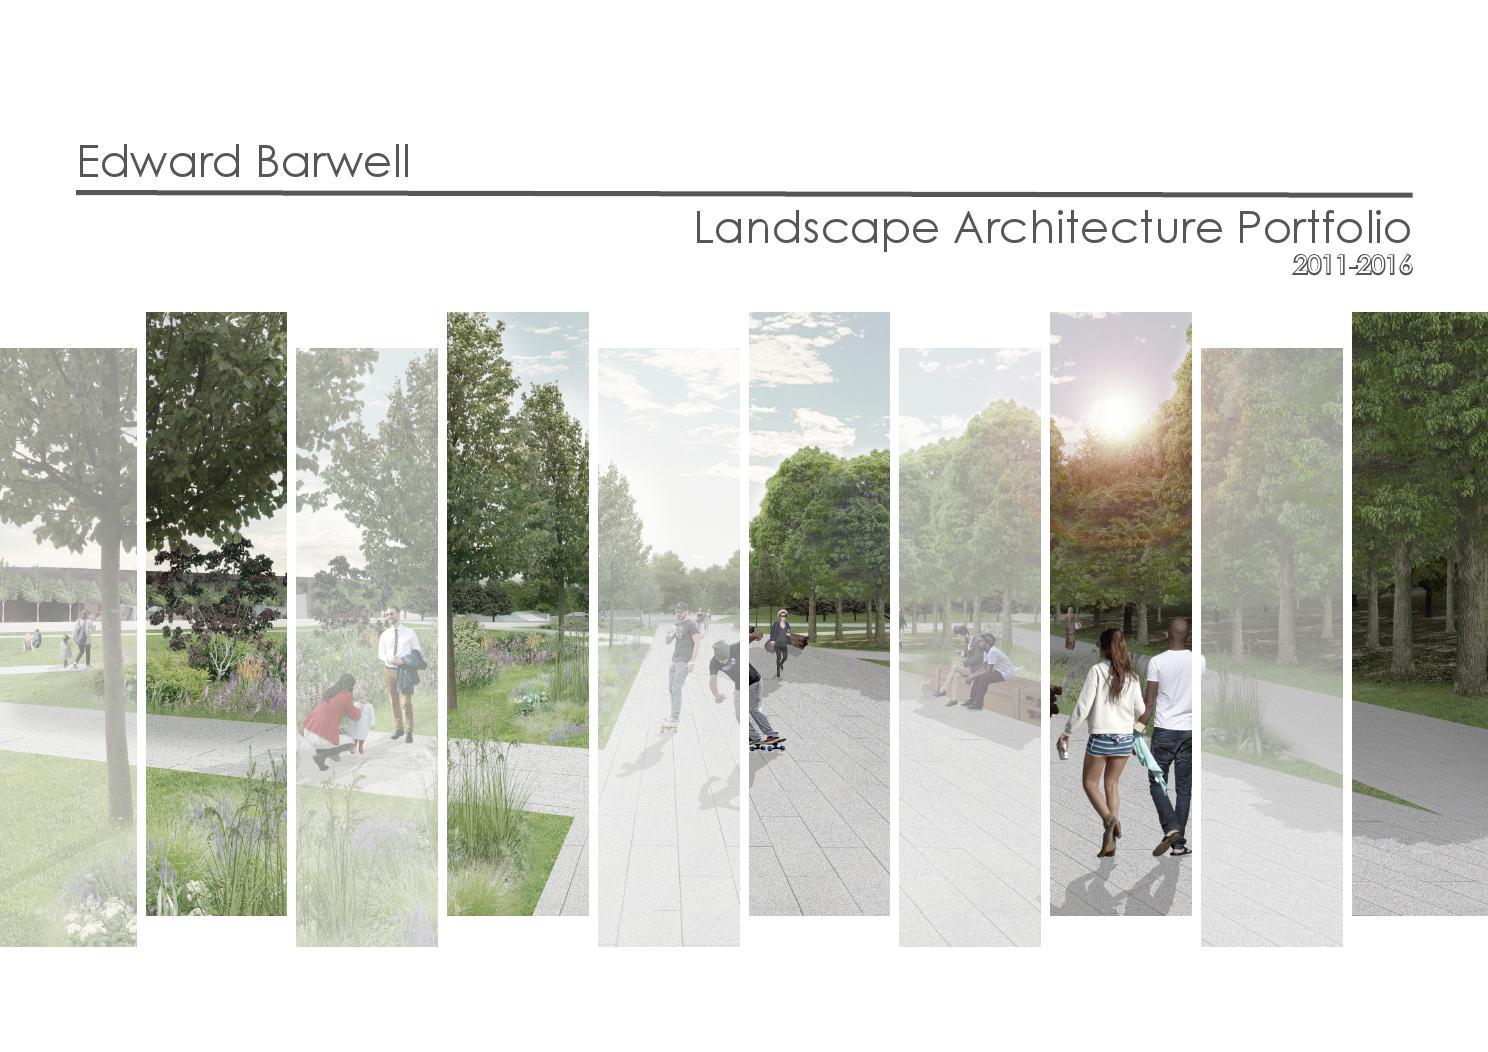 landscape architecture portfolio du xinli landscape architecture